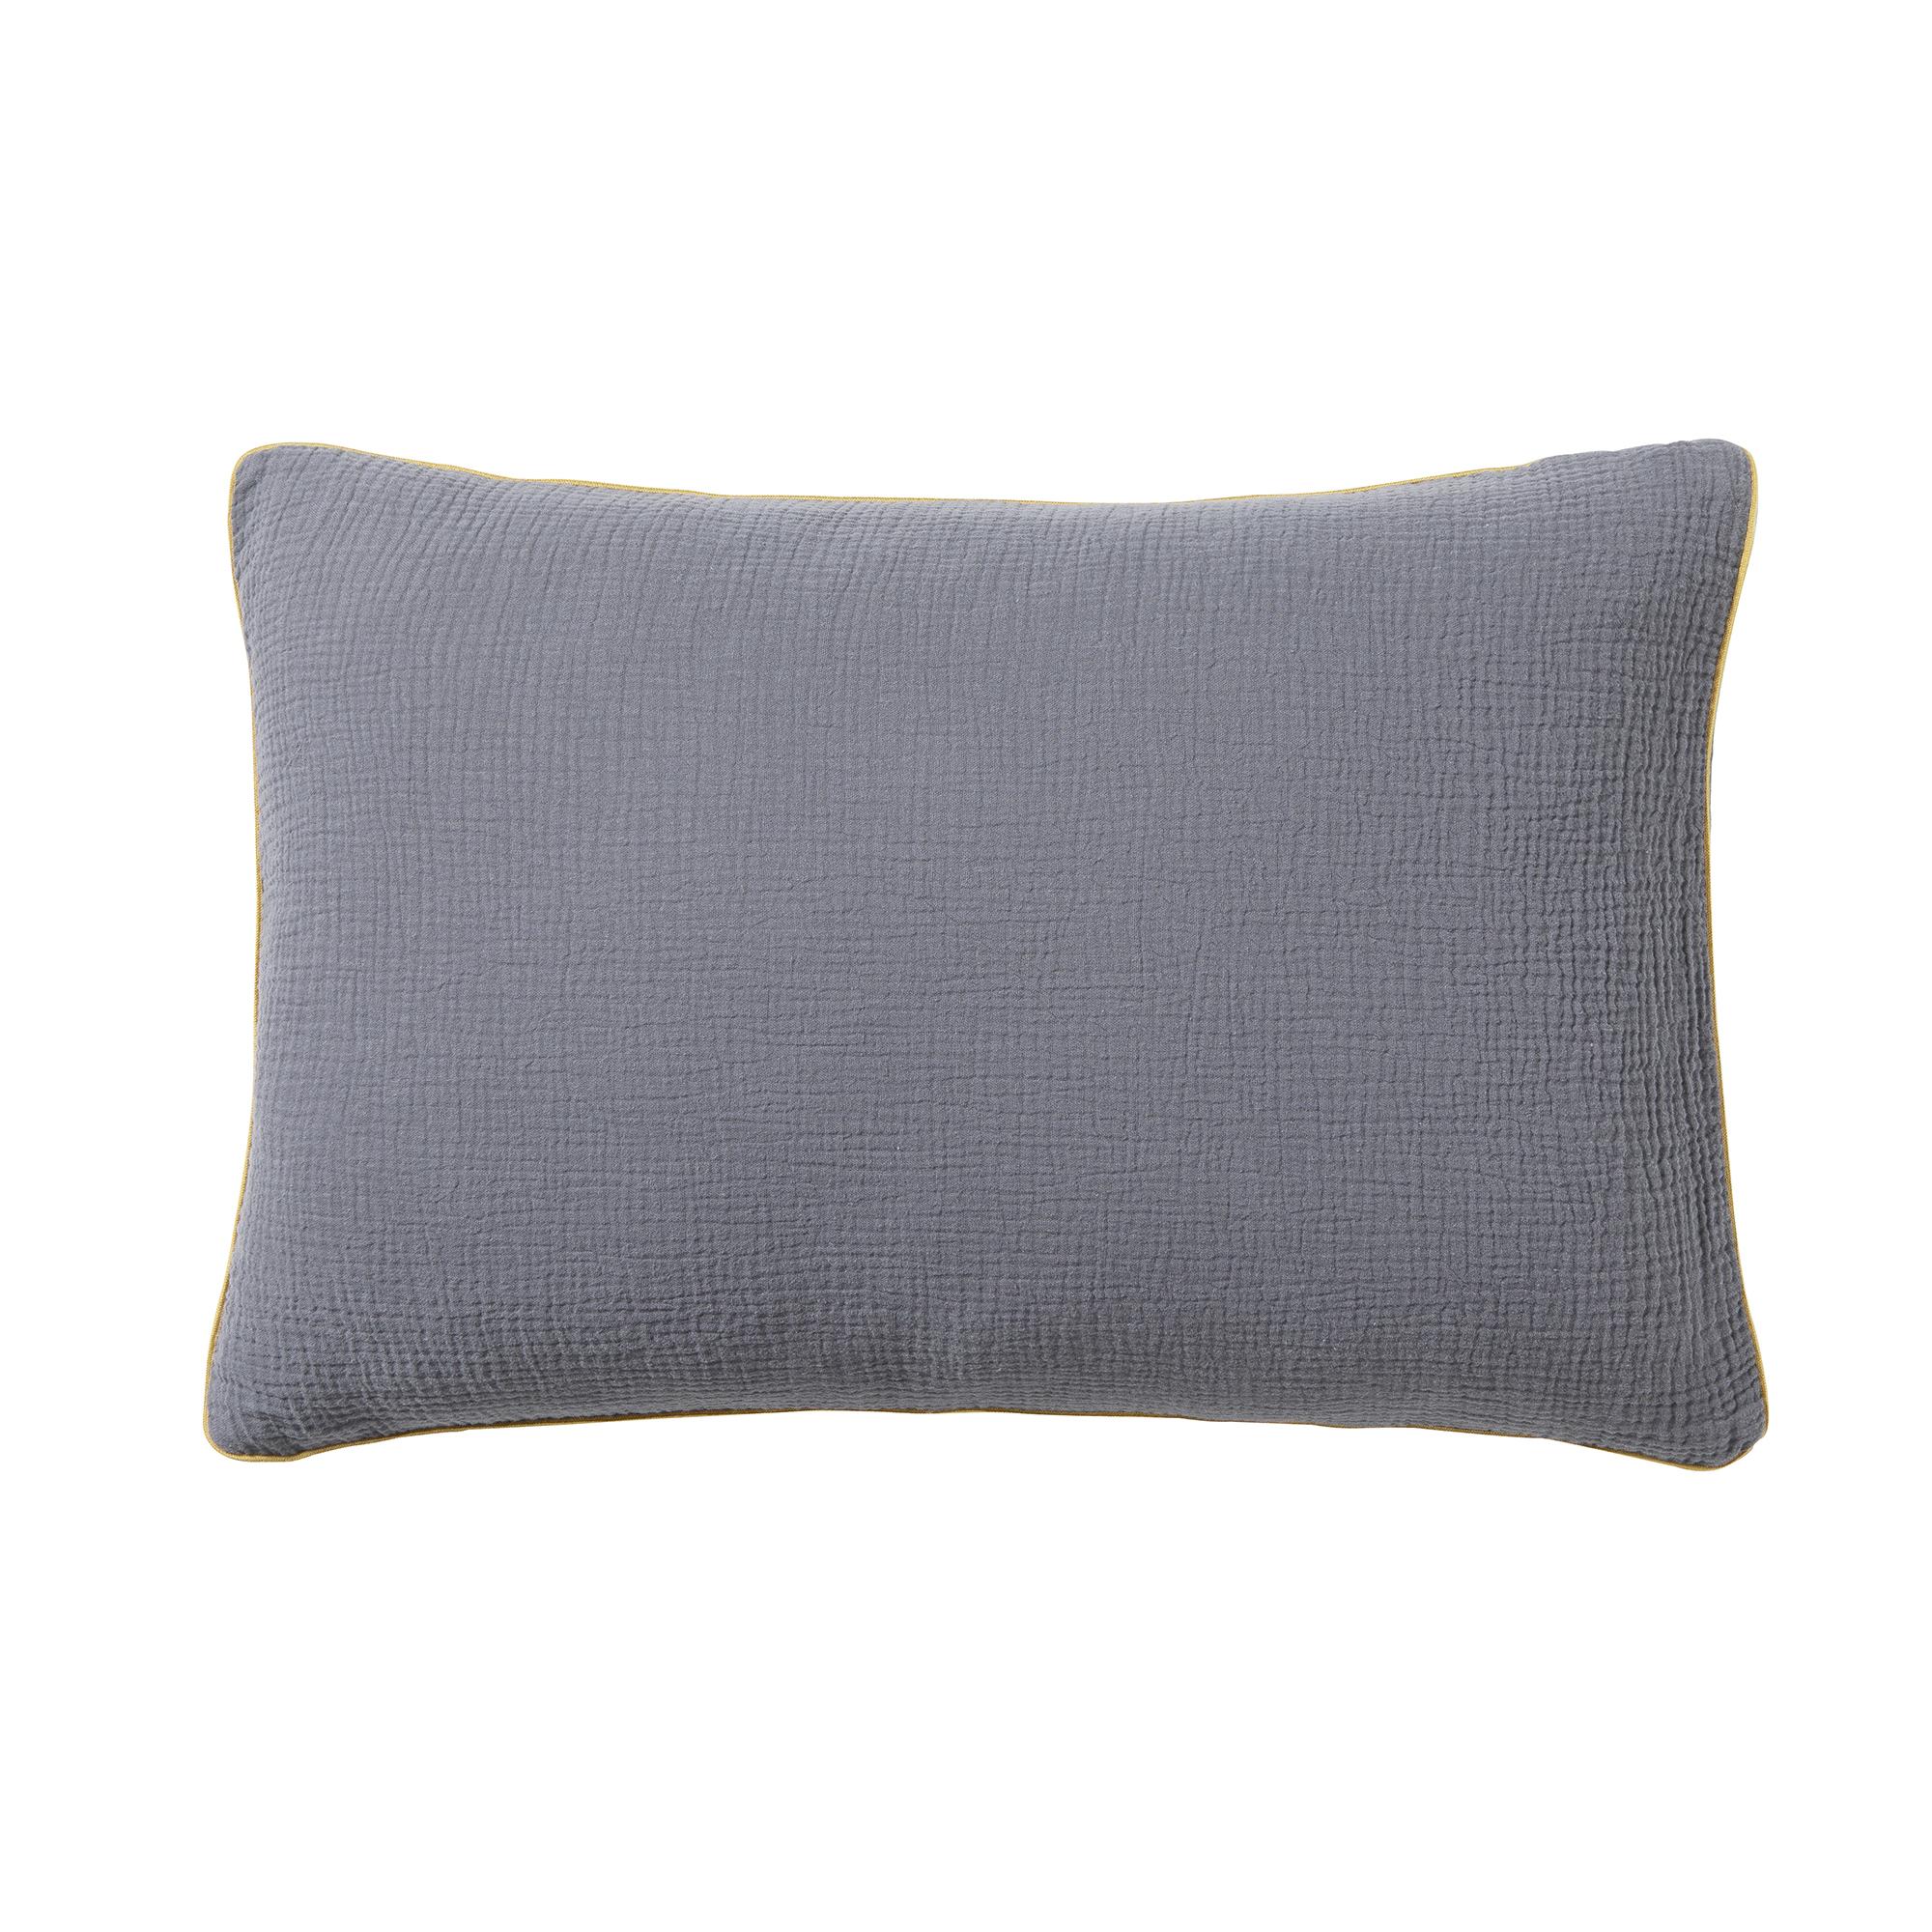 Housse de coussin en coton lavée gris 40x60